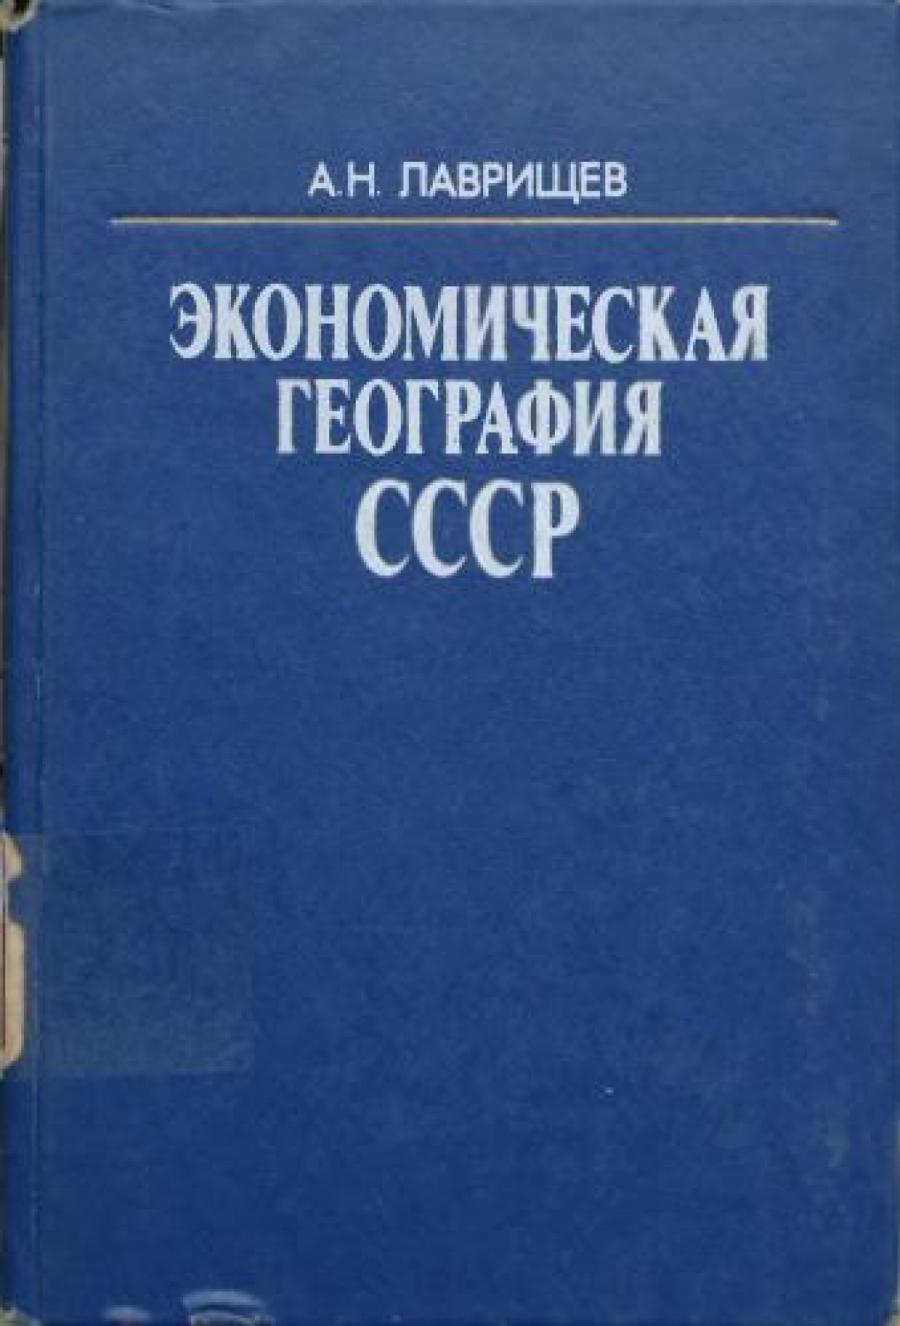 Обложка книги:  лаврищев а.н. - экономическая география ссср (изд. 5-е)